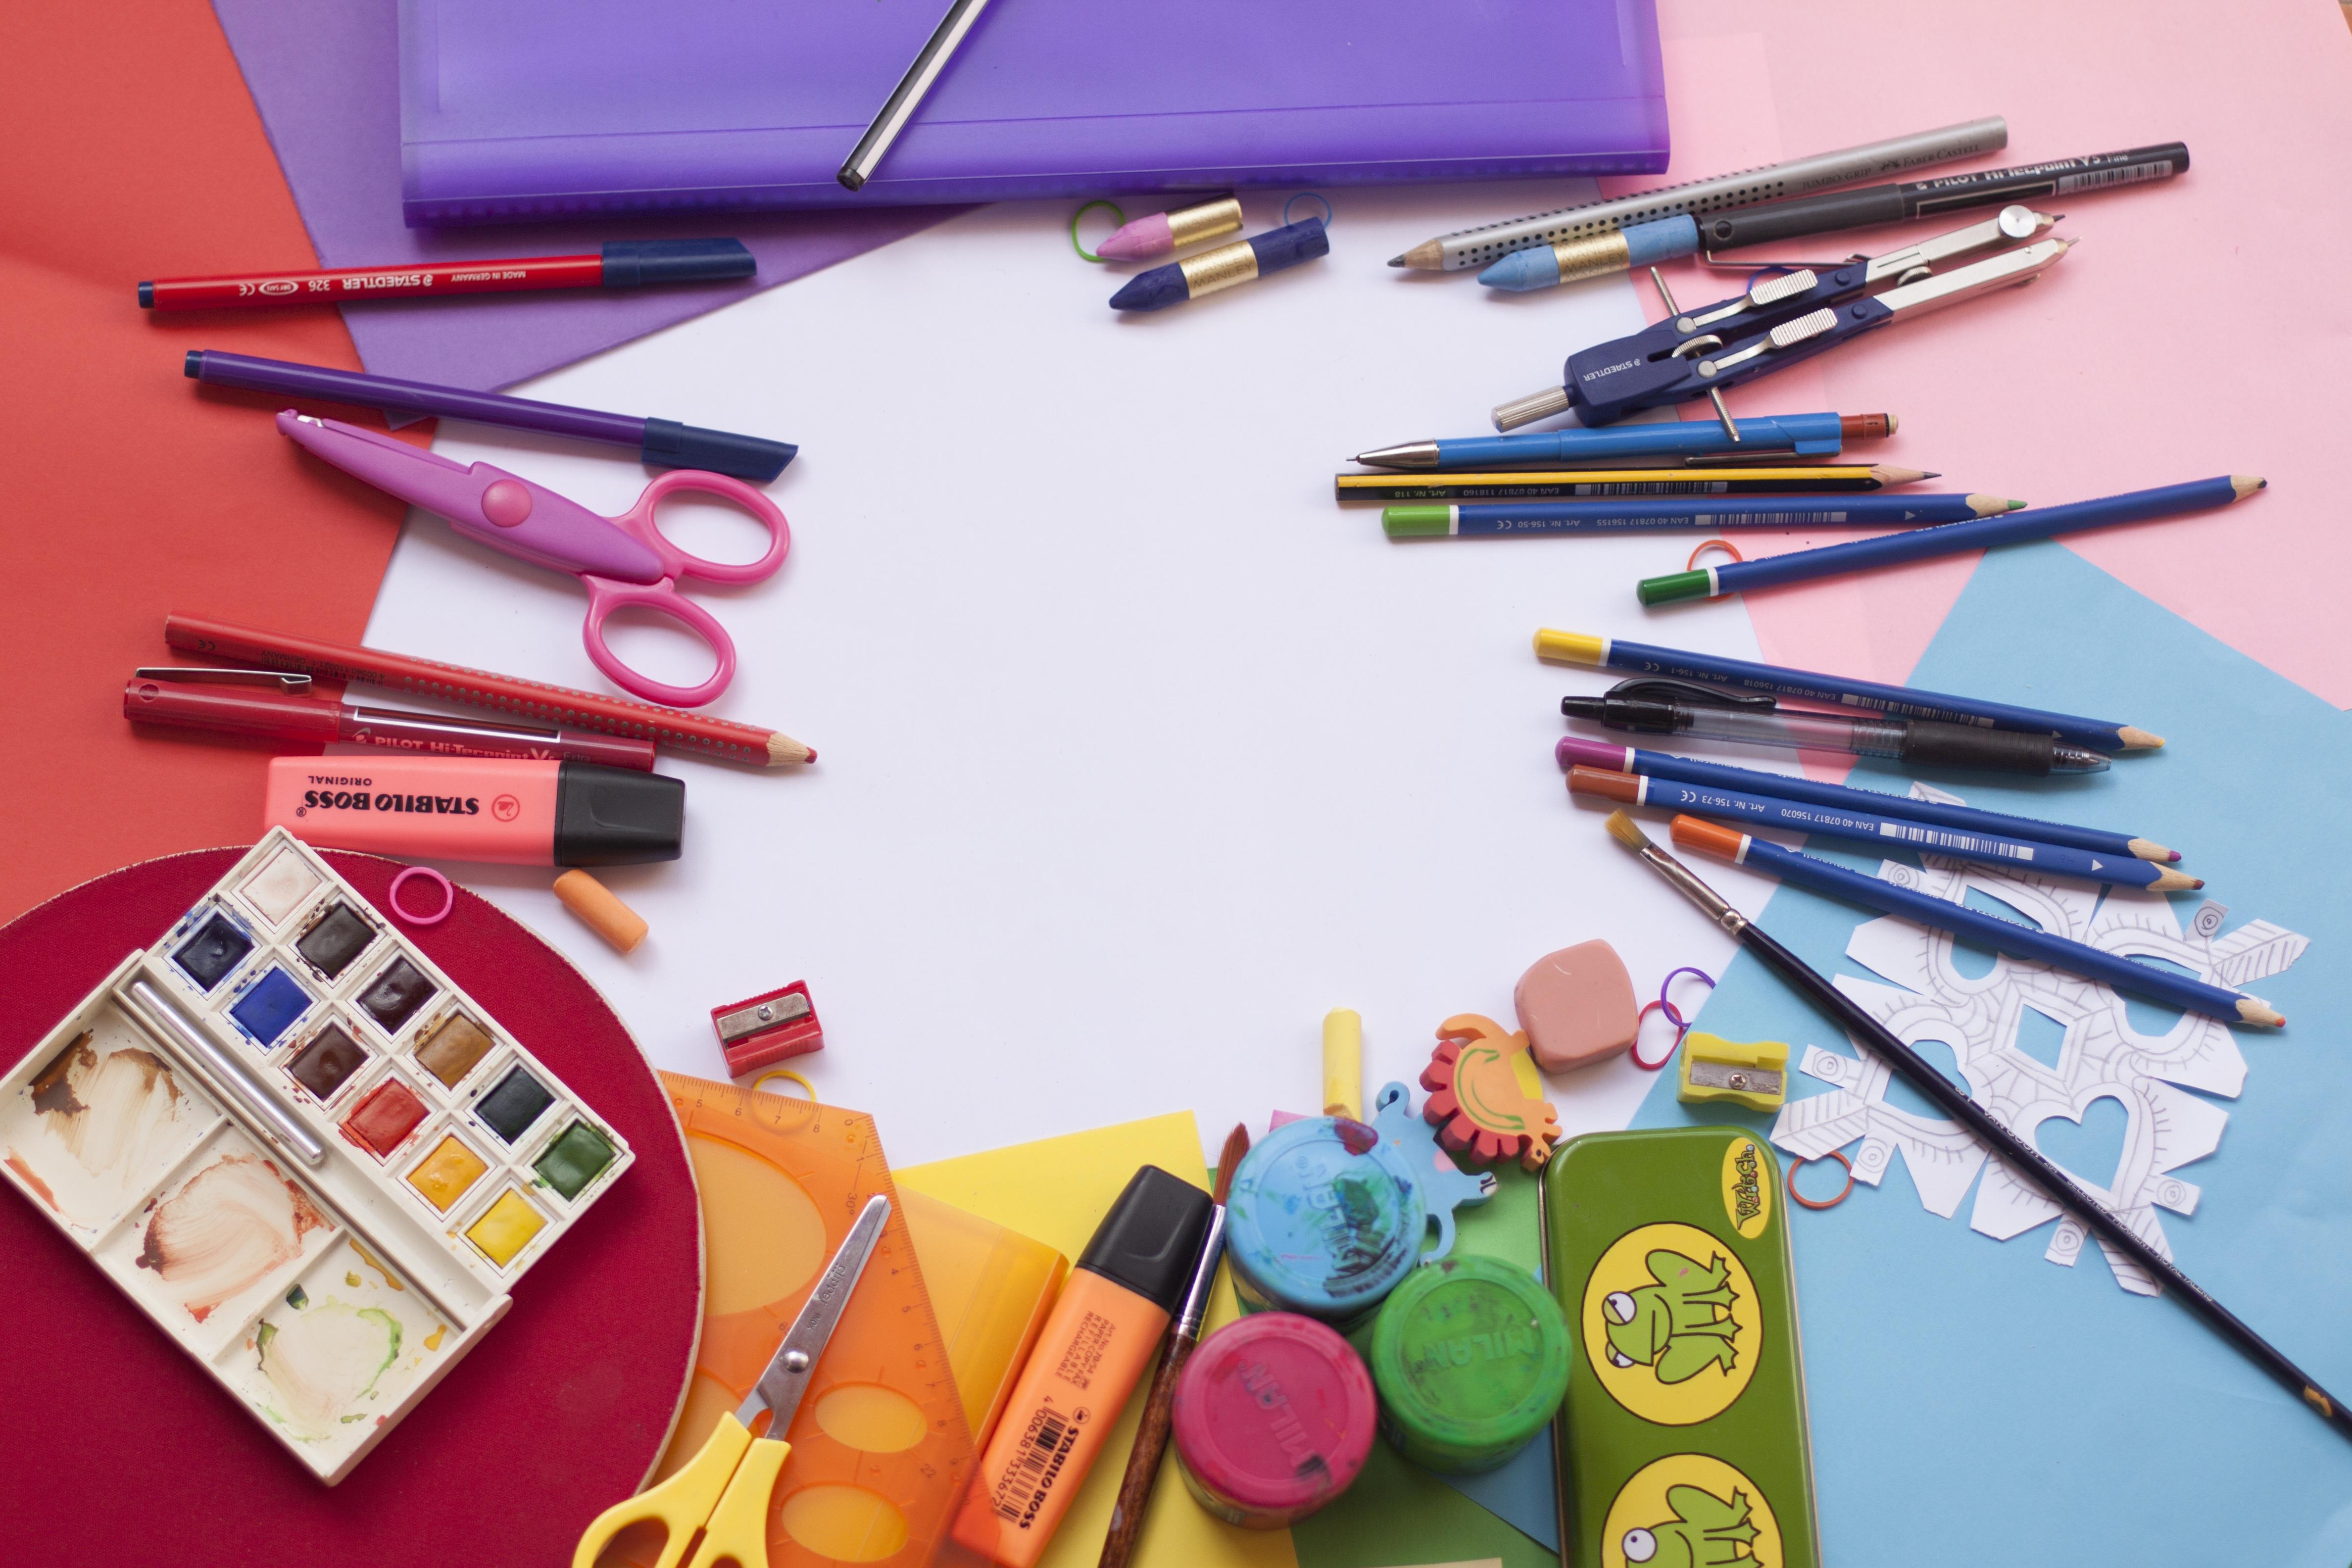 ../../../_images/design_config.jpeg